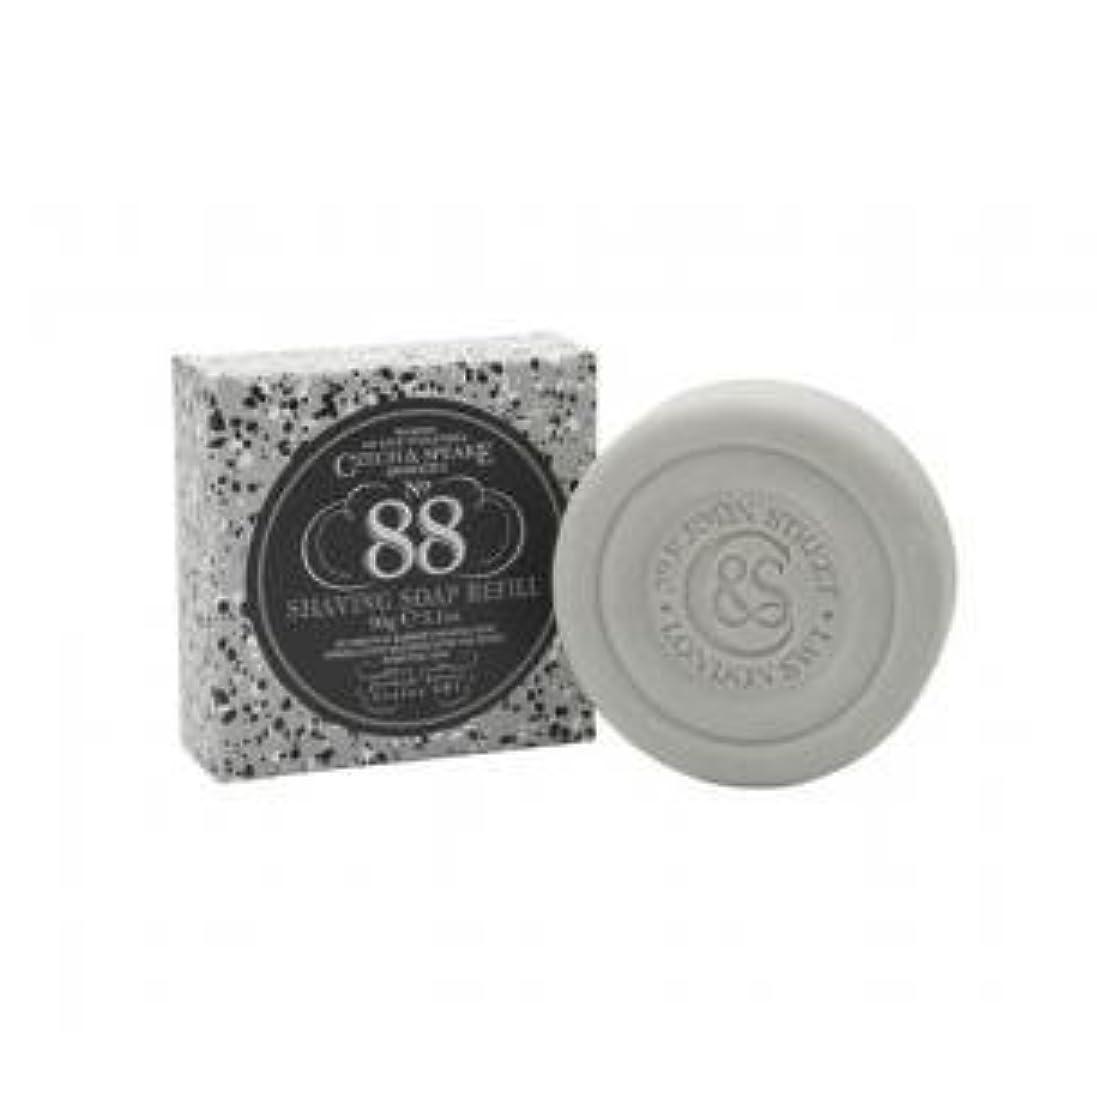 週末降臨膜Czech and Speake NO88 SHAVING SOAP REFILL 90g [並行輸入品]